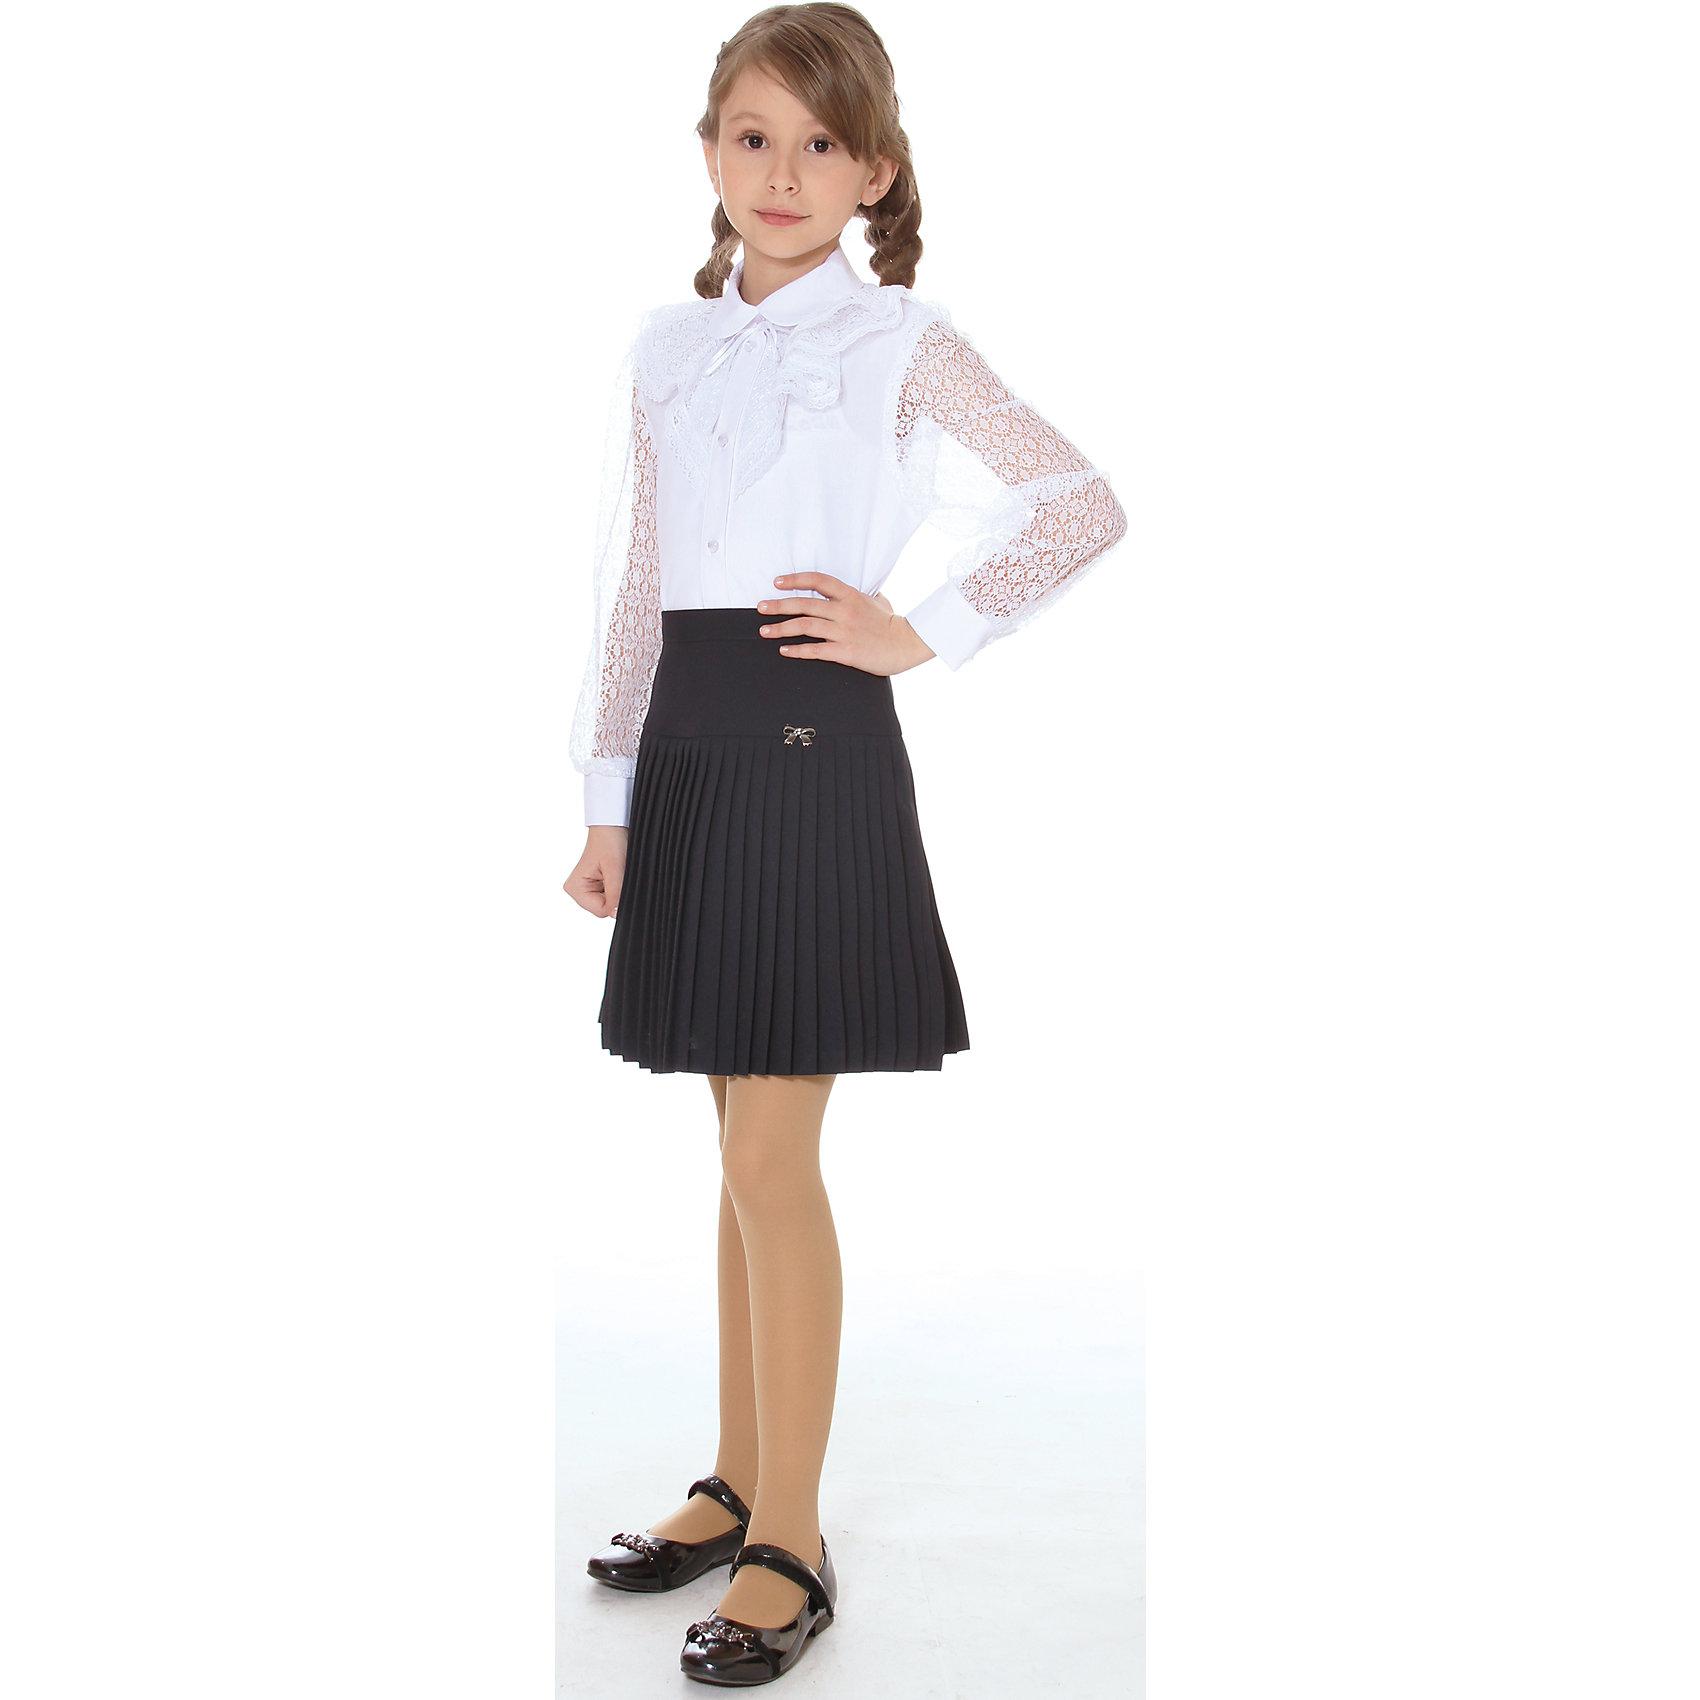 Юбка для девочки СменаЮбки<br>Юбка для девочки от российской марки Смена.<br>Элегантная плиссированная юбка с кокетой на поясе, дополненная декоративным элементом.<br>Состав:<br>100%  полиэстер<br><br>Ширина мм: 207<br>Глубина мм: 10<br>Высота мм: 189<br>Вес г: 183<br>Цвет: серый<br>Возраст от месяцев: 72<br>Возраст до месяцев: 84<br>Пол: Женский<br>Возраст: Детский<br>Размер: 122,146,158,152,134,128<br>SKU: 4177329